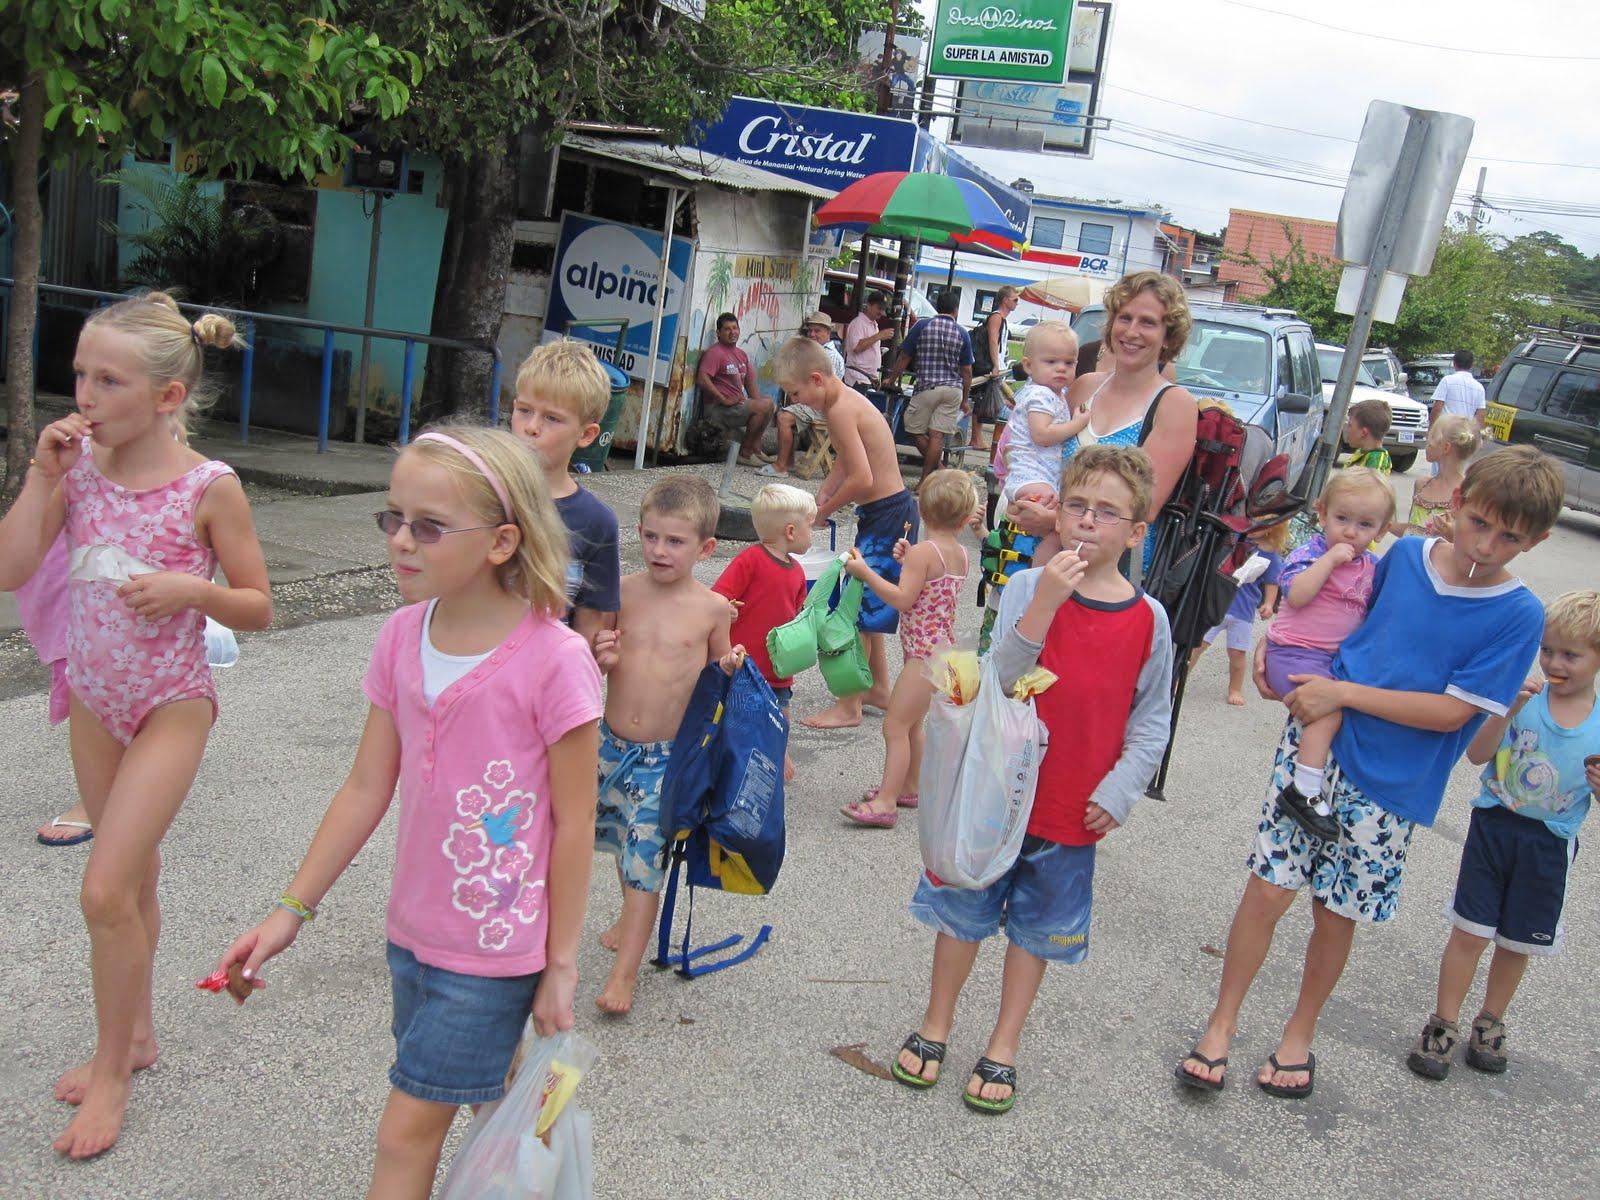 older kids diaper images - usseek.com